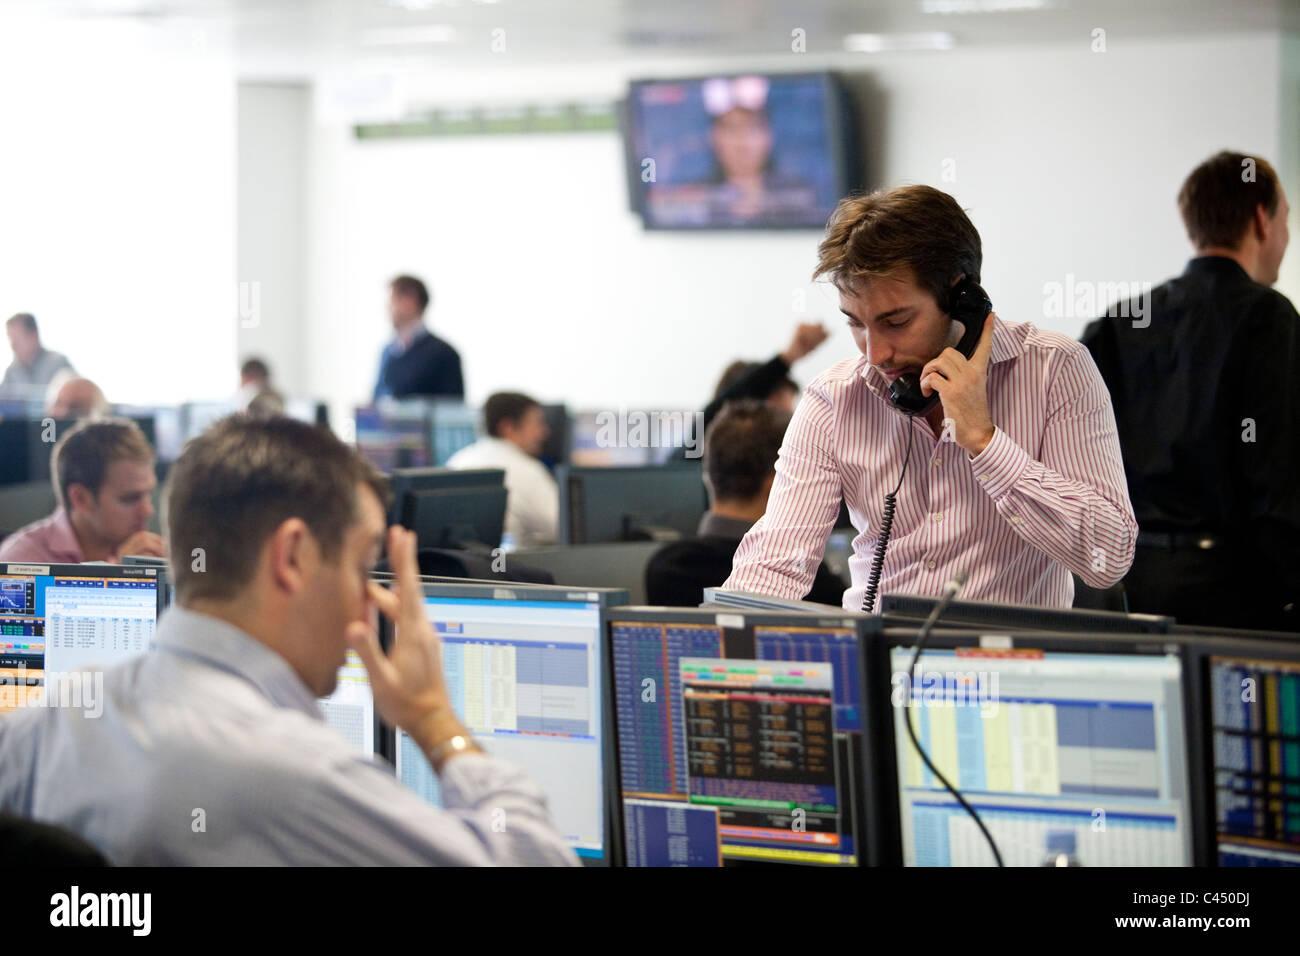 BGC Vocale + société de courtage électronique salle de marché, les opérateurs en Photo Stock